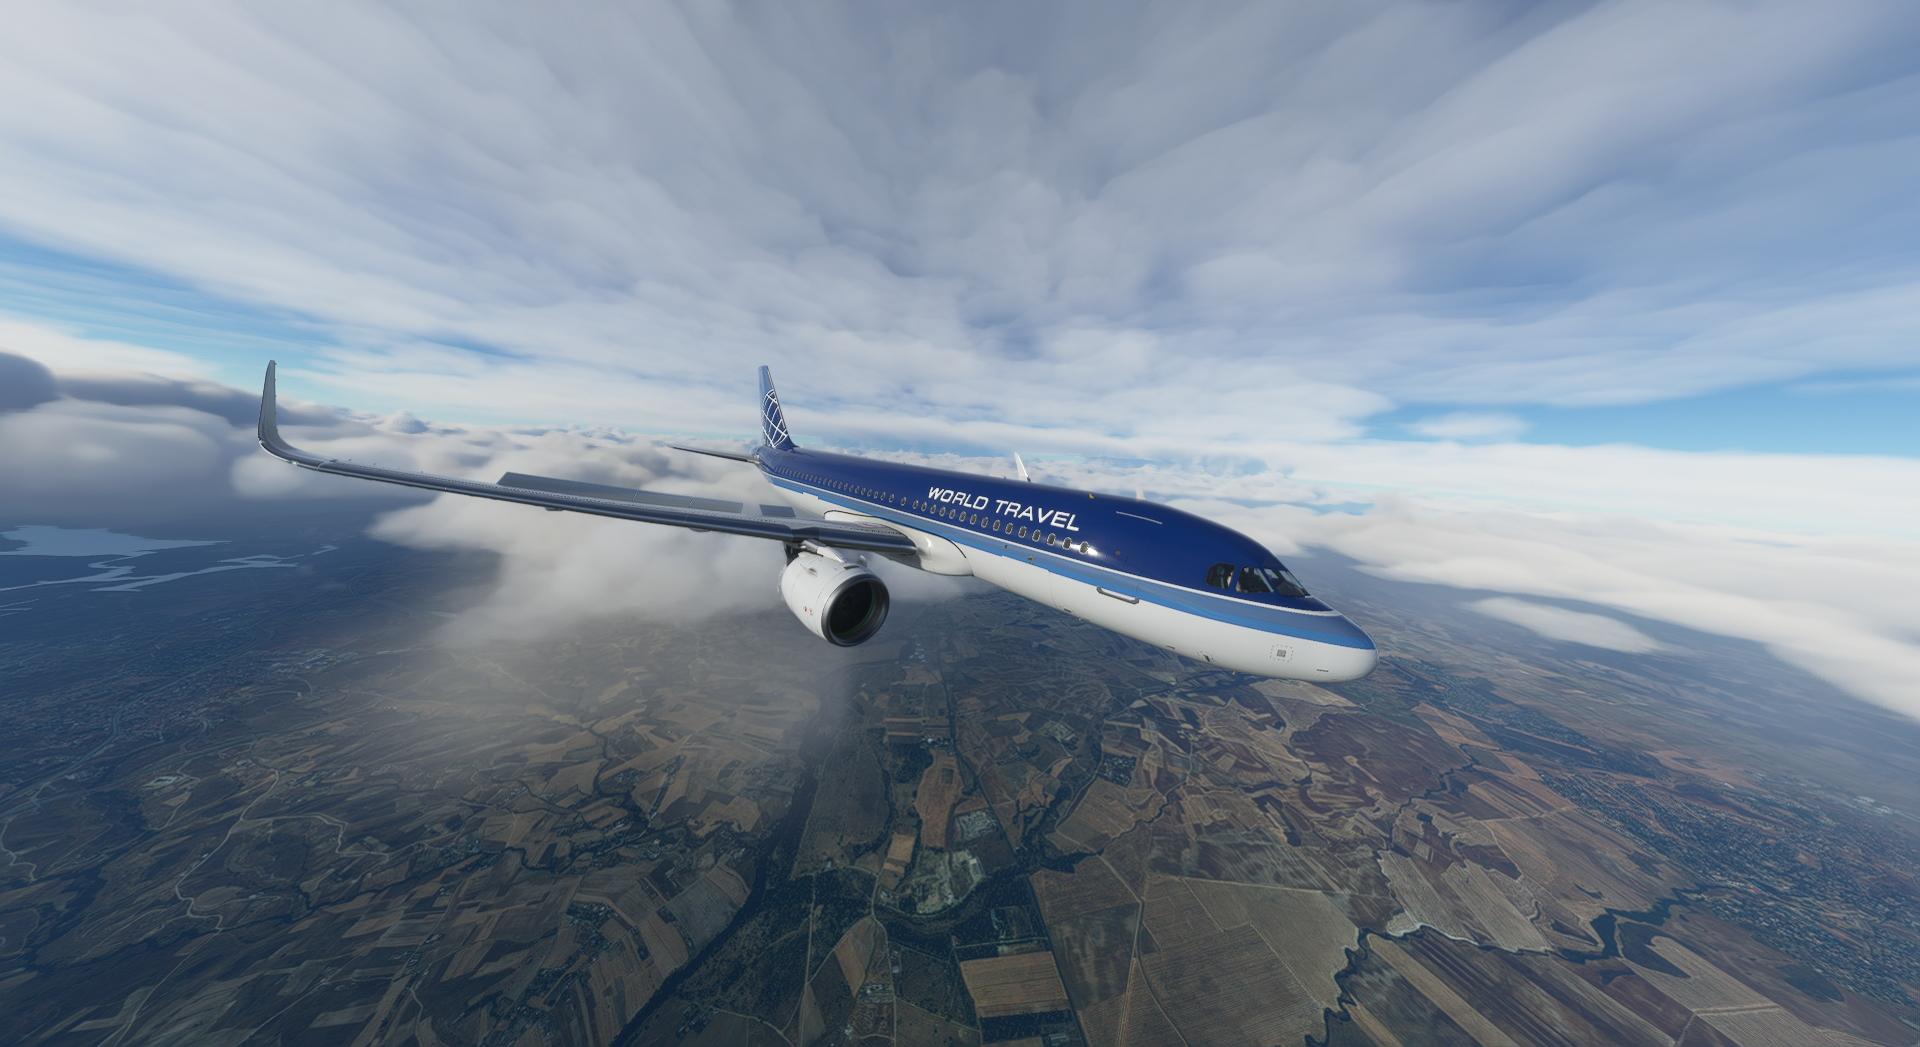 Microsoft Flight Simulator Flybywire A32nx World Travel